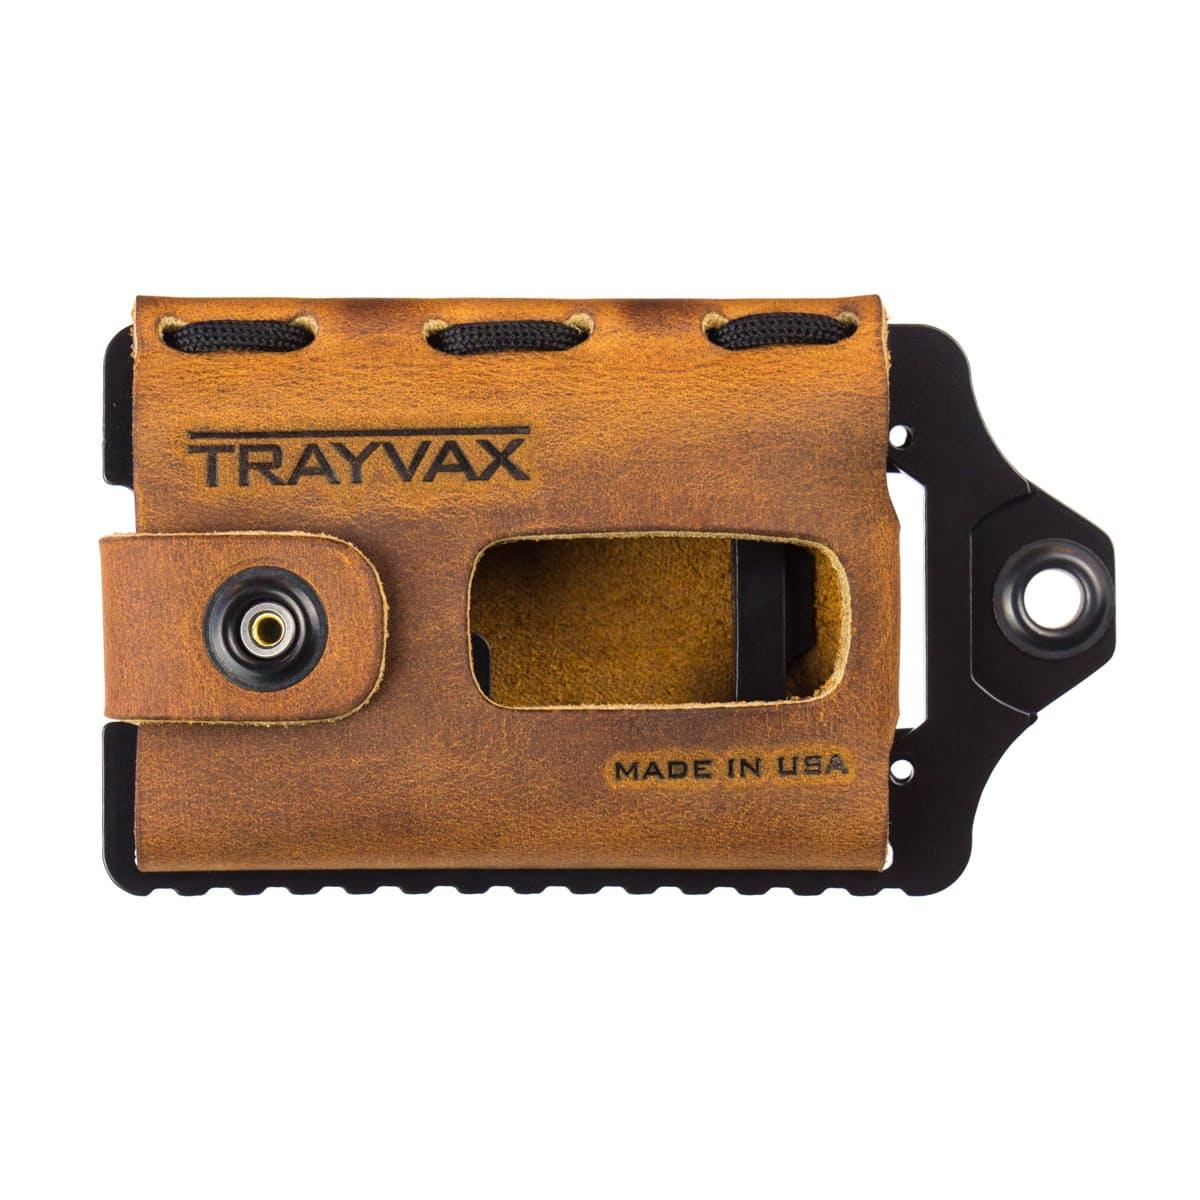 Egc5lfakho trayvax element wallet 0 original